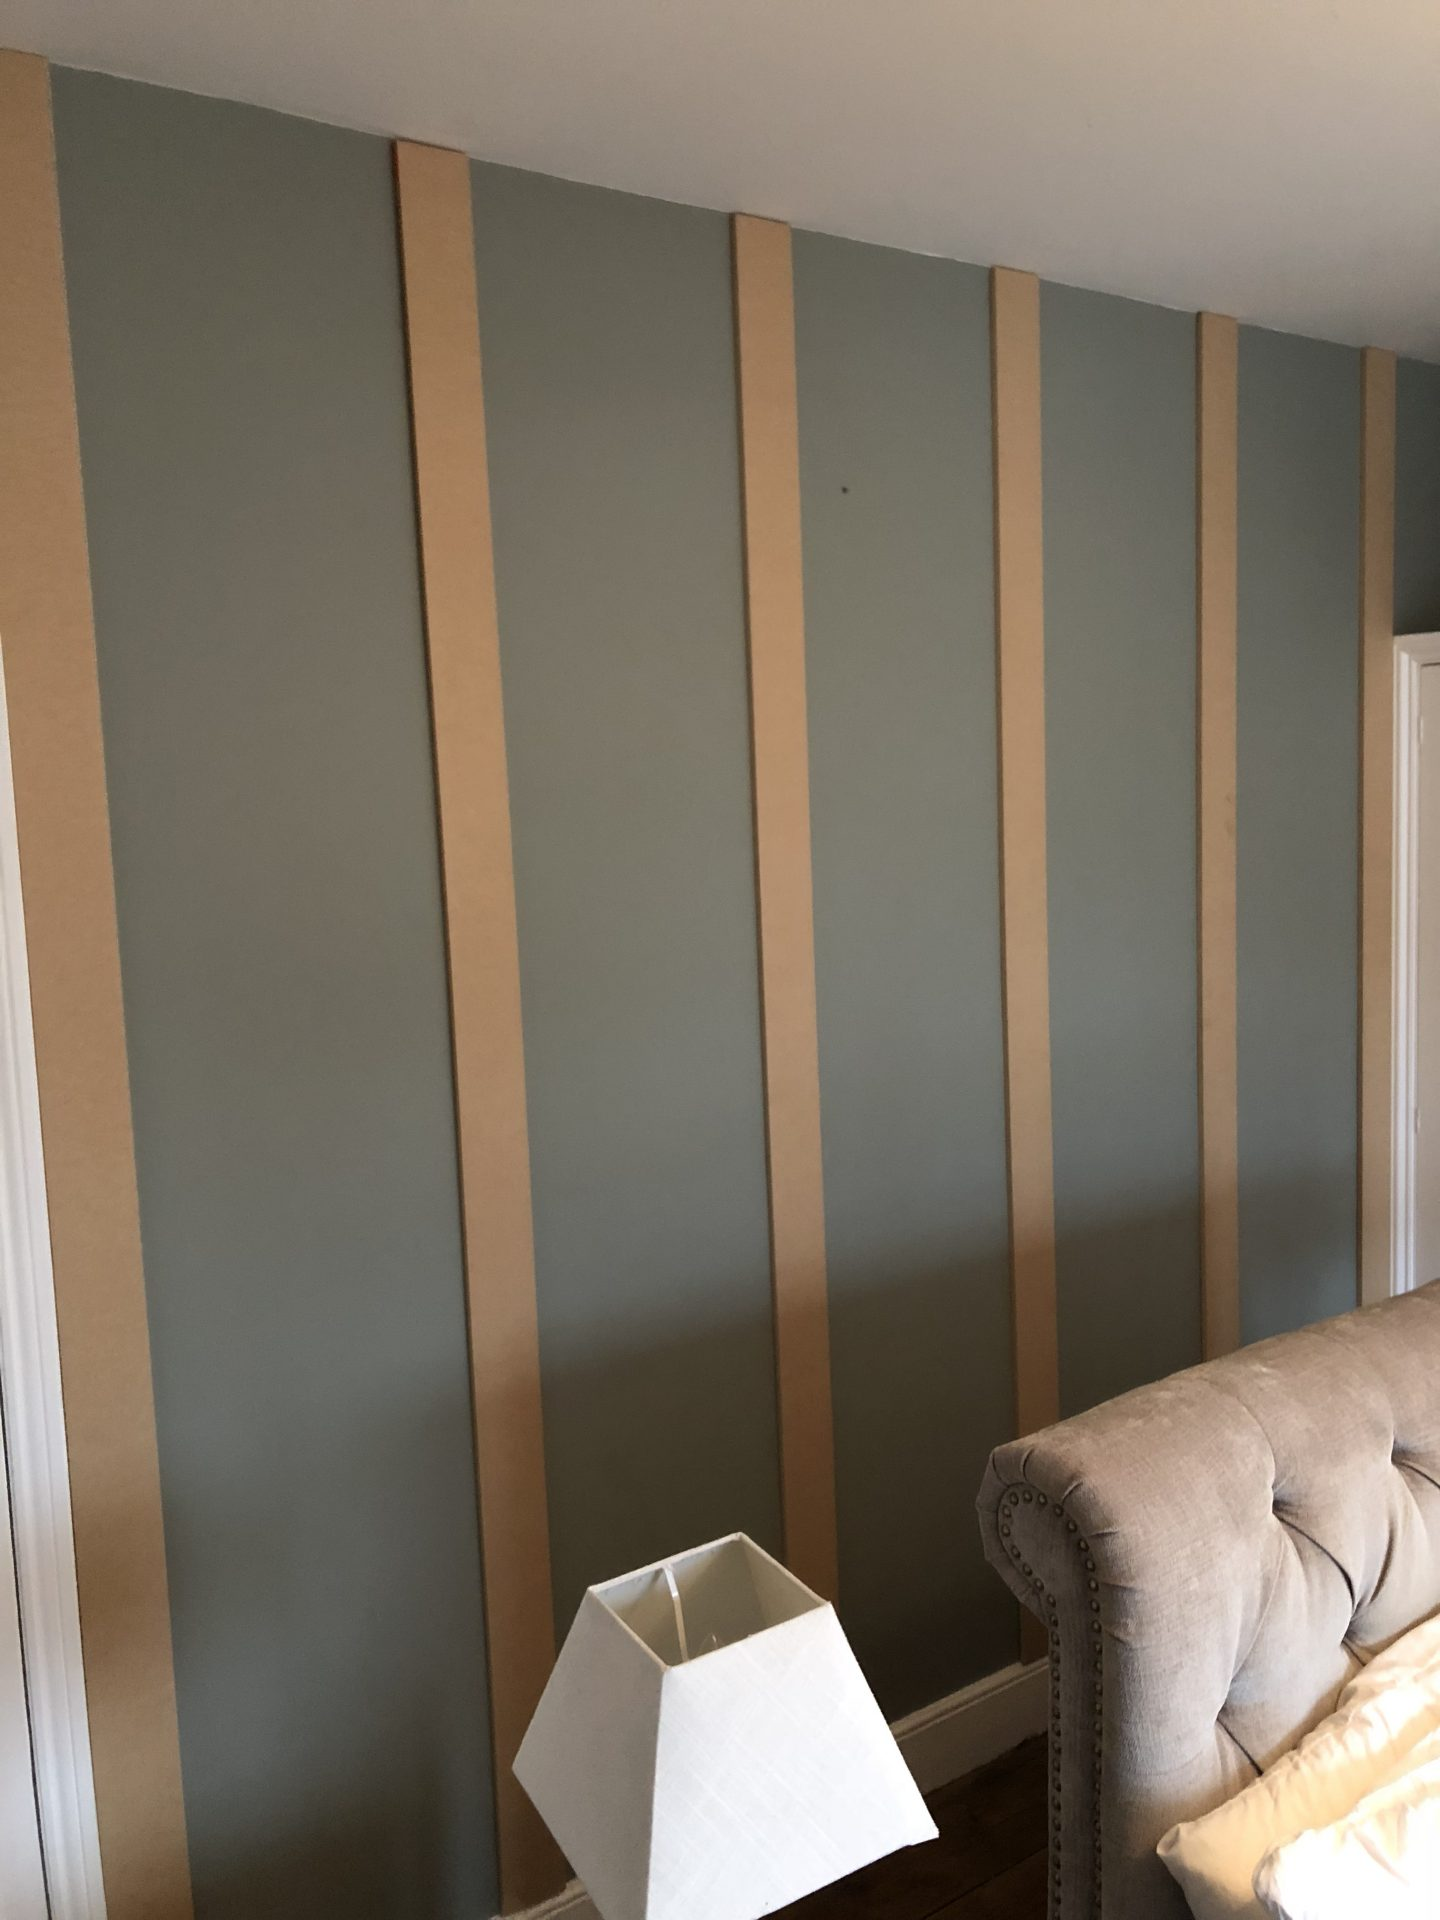 Wood Wall Paneling: Easy Way To Create Wood Paneling